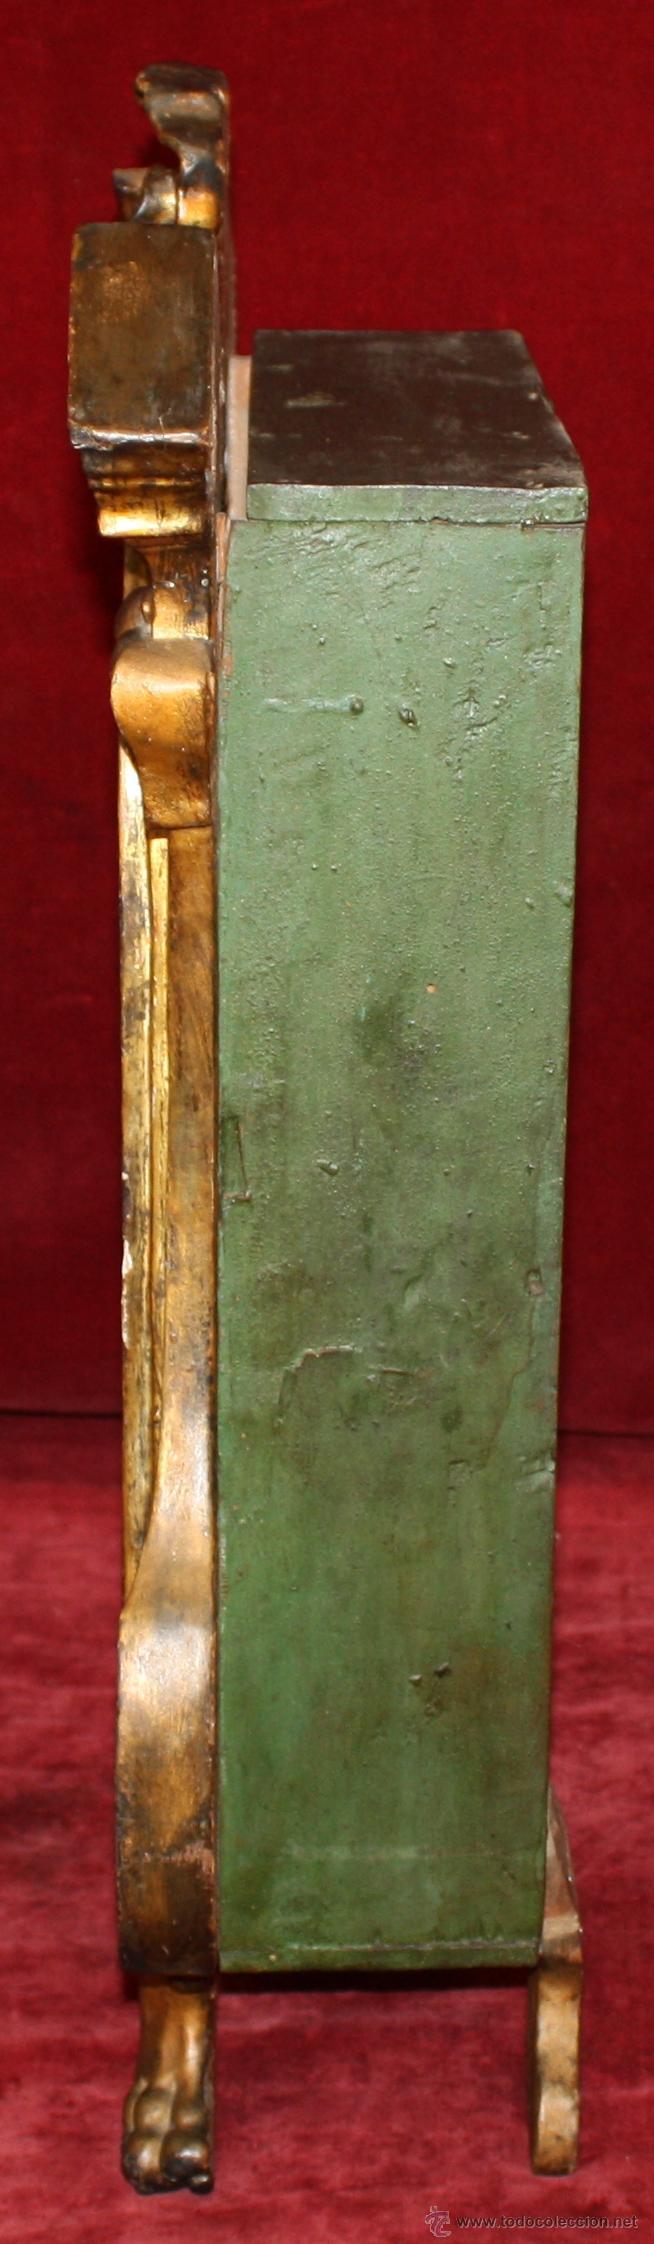 Arte: LA CRUCIFICCIÓN DE JESÚS. GRAN URNA TIPO CAPILLA DEL SIGLO XVIII EN MADERA TALLADA Y POLICROMADA - Foto 22 - 50388694